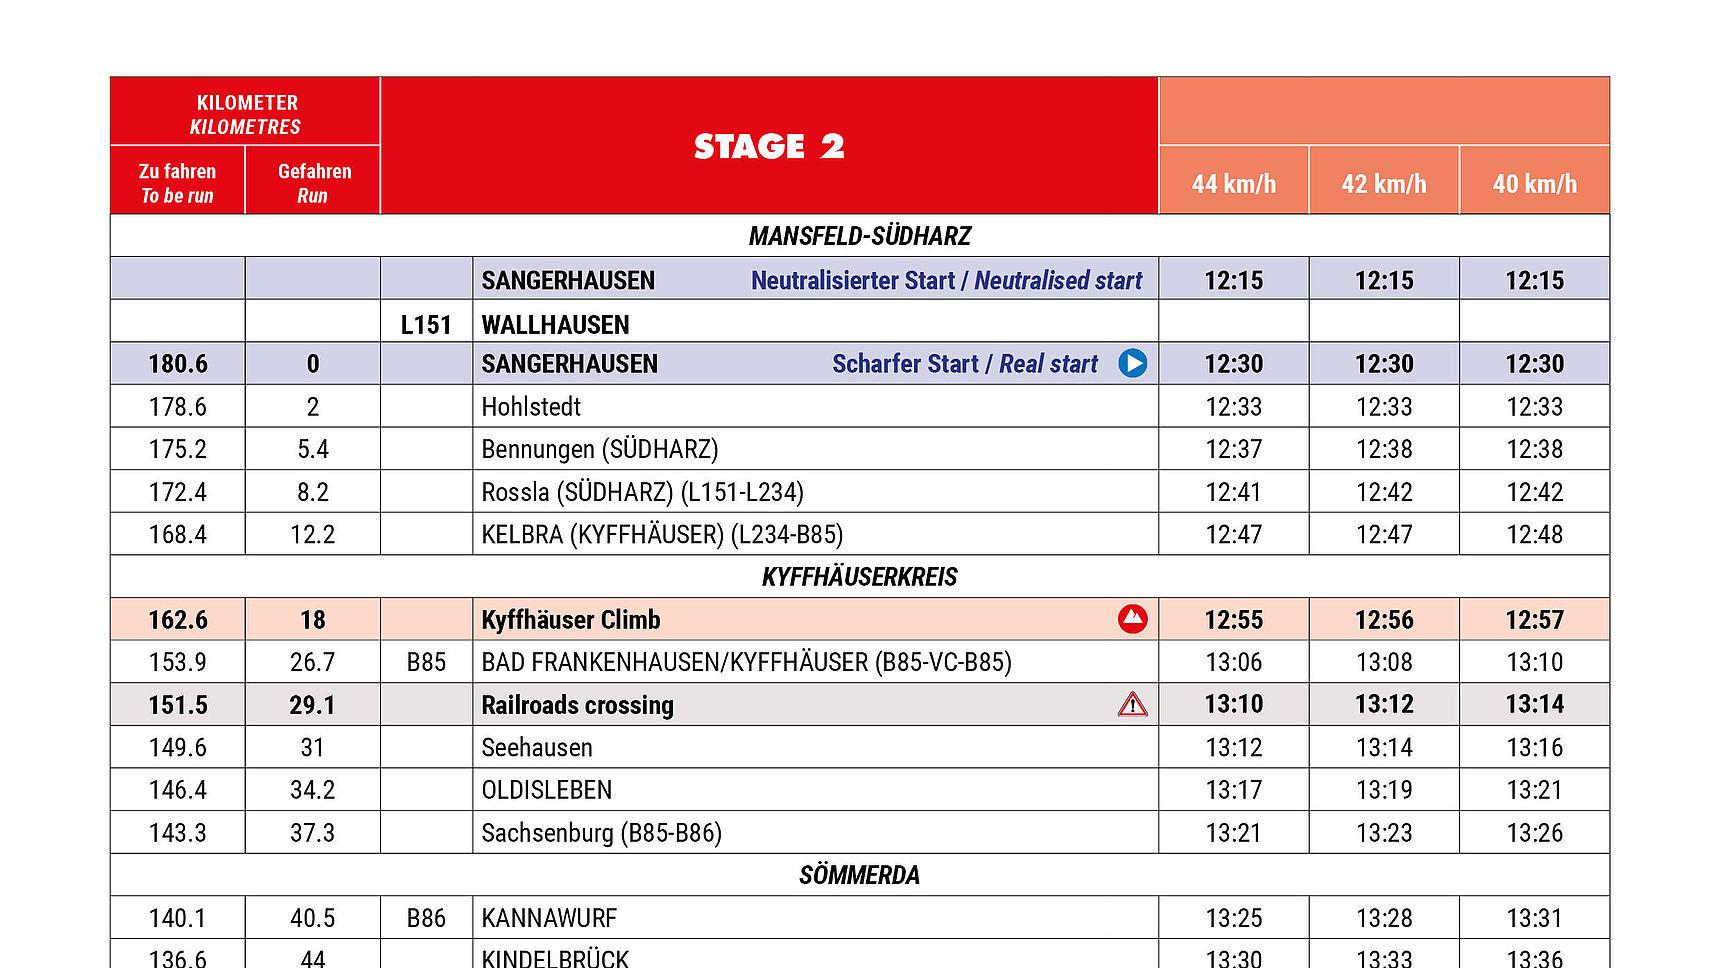 Timetable Stage 2 Deutschland Tour 2021